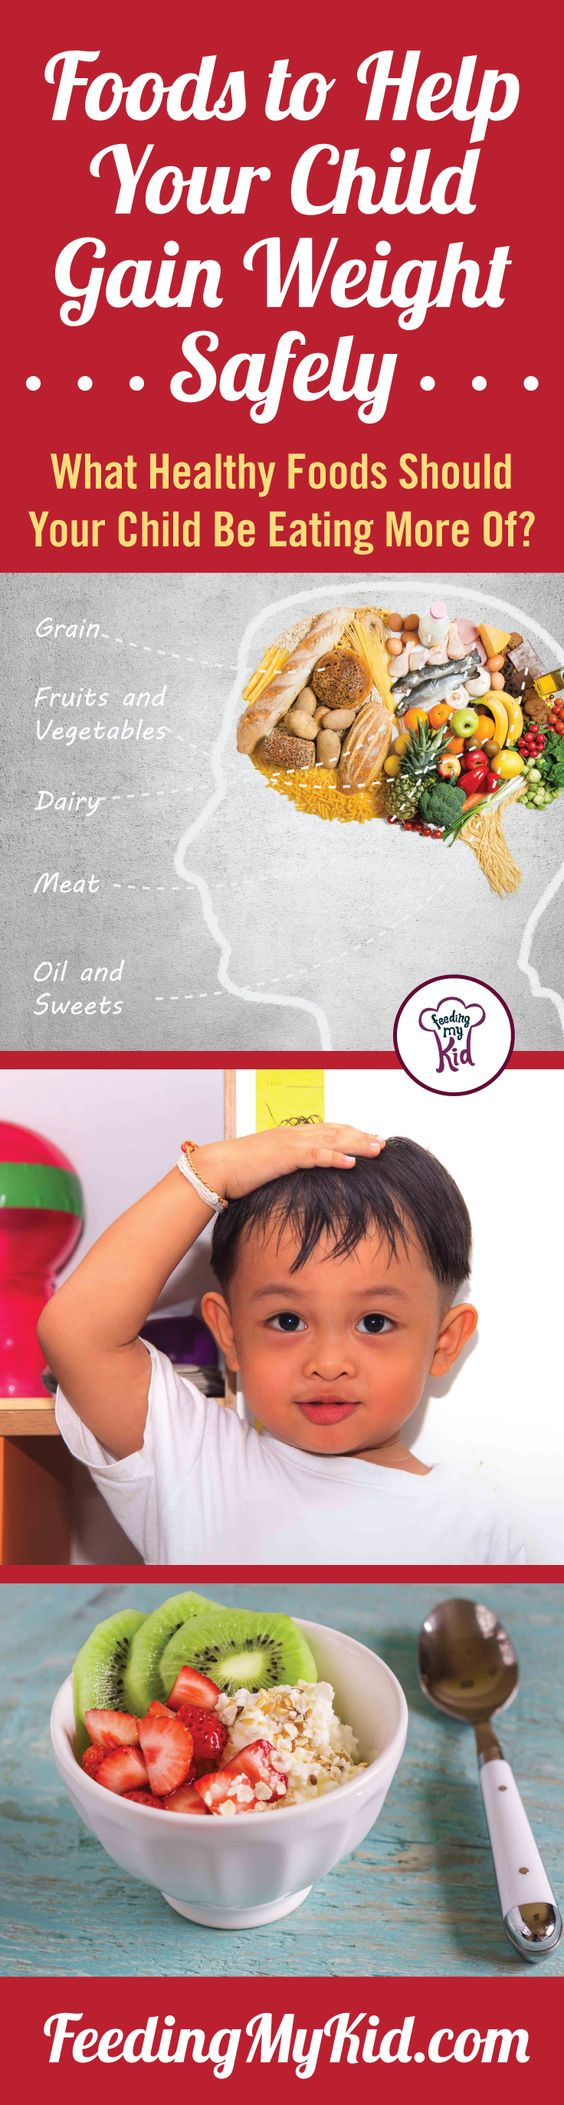 Underweight Children? Find Foods to Help Your Kids Gain